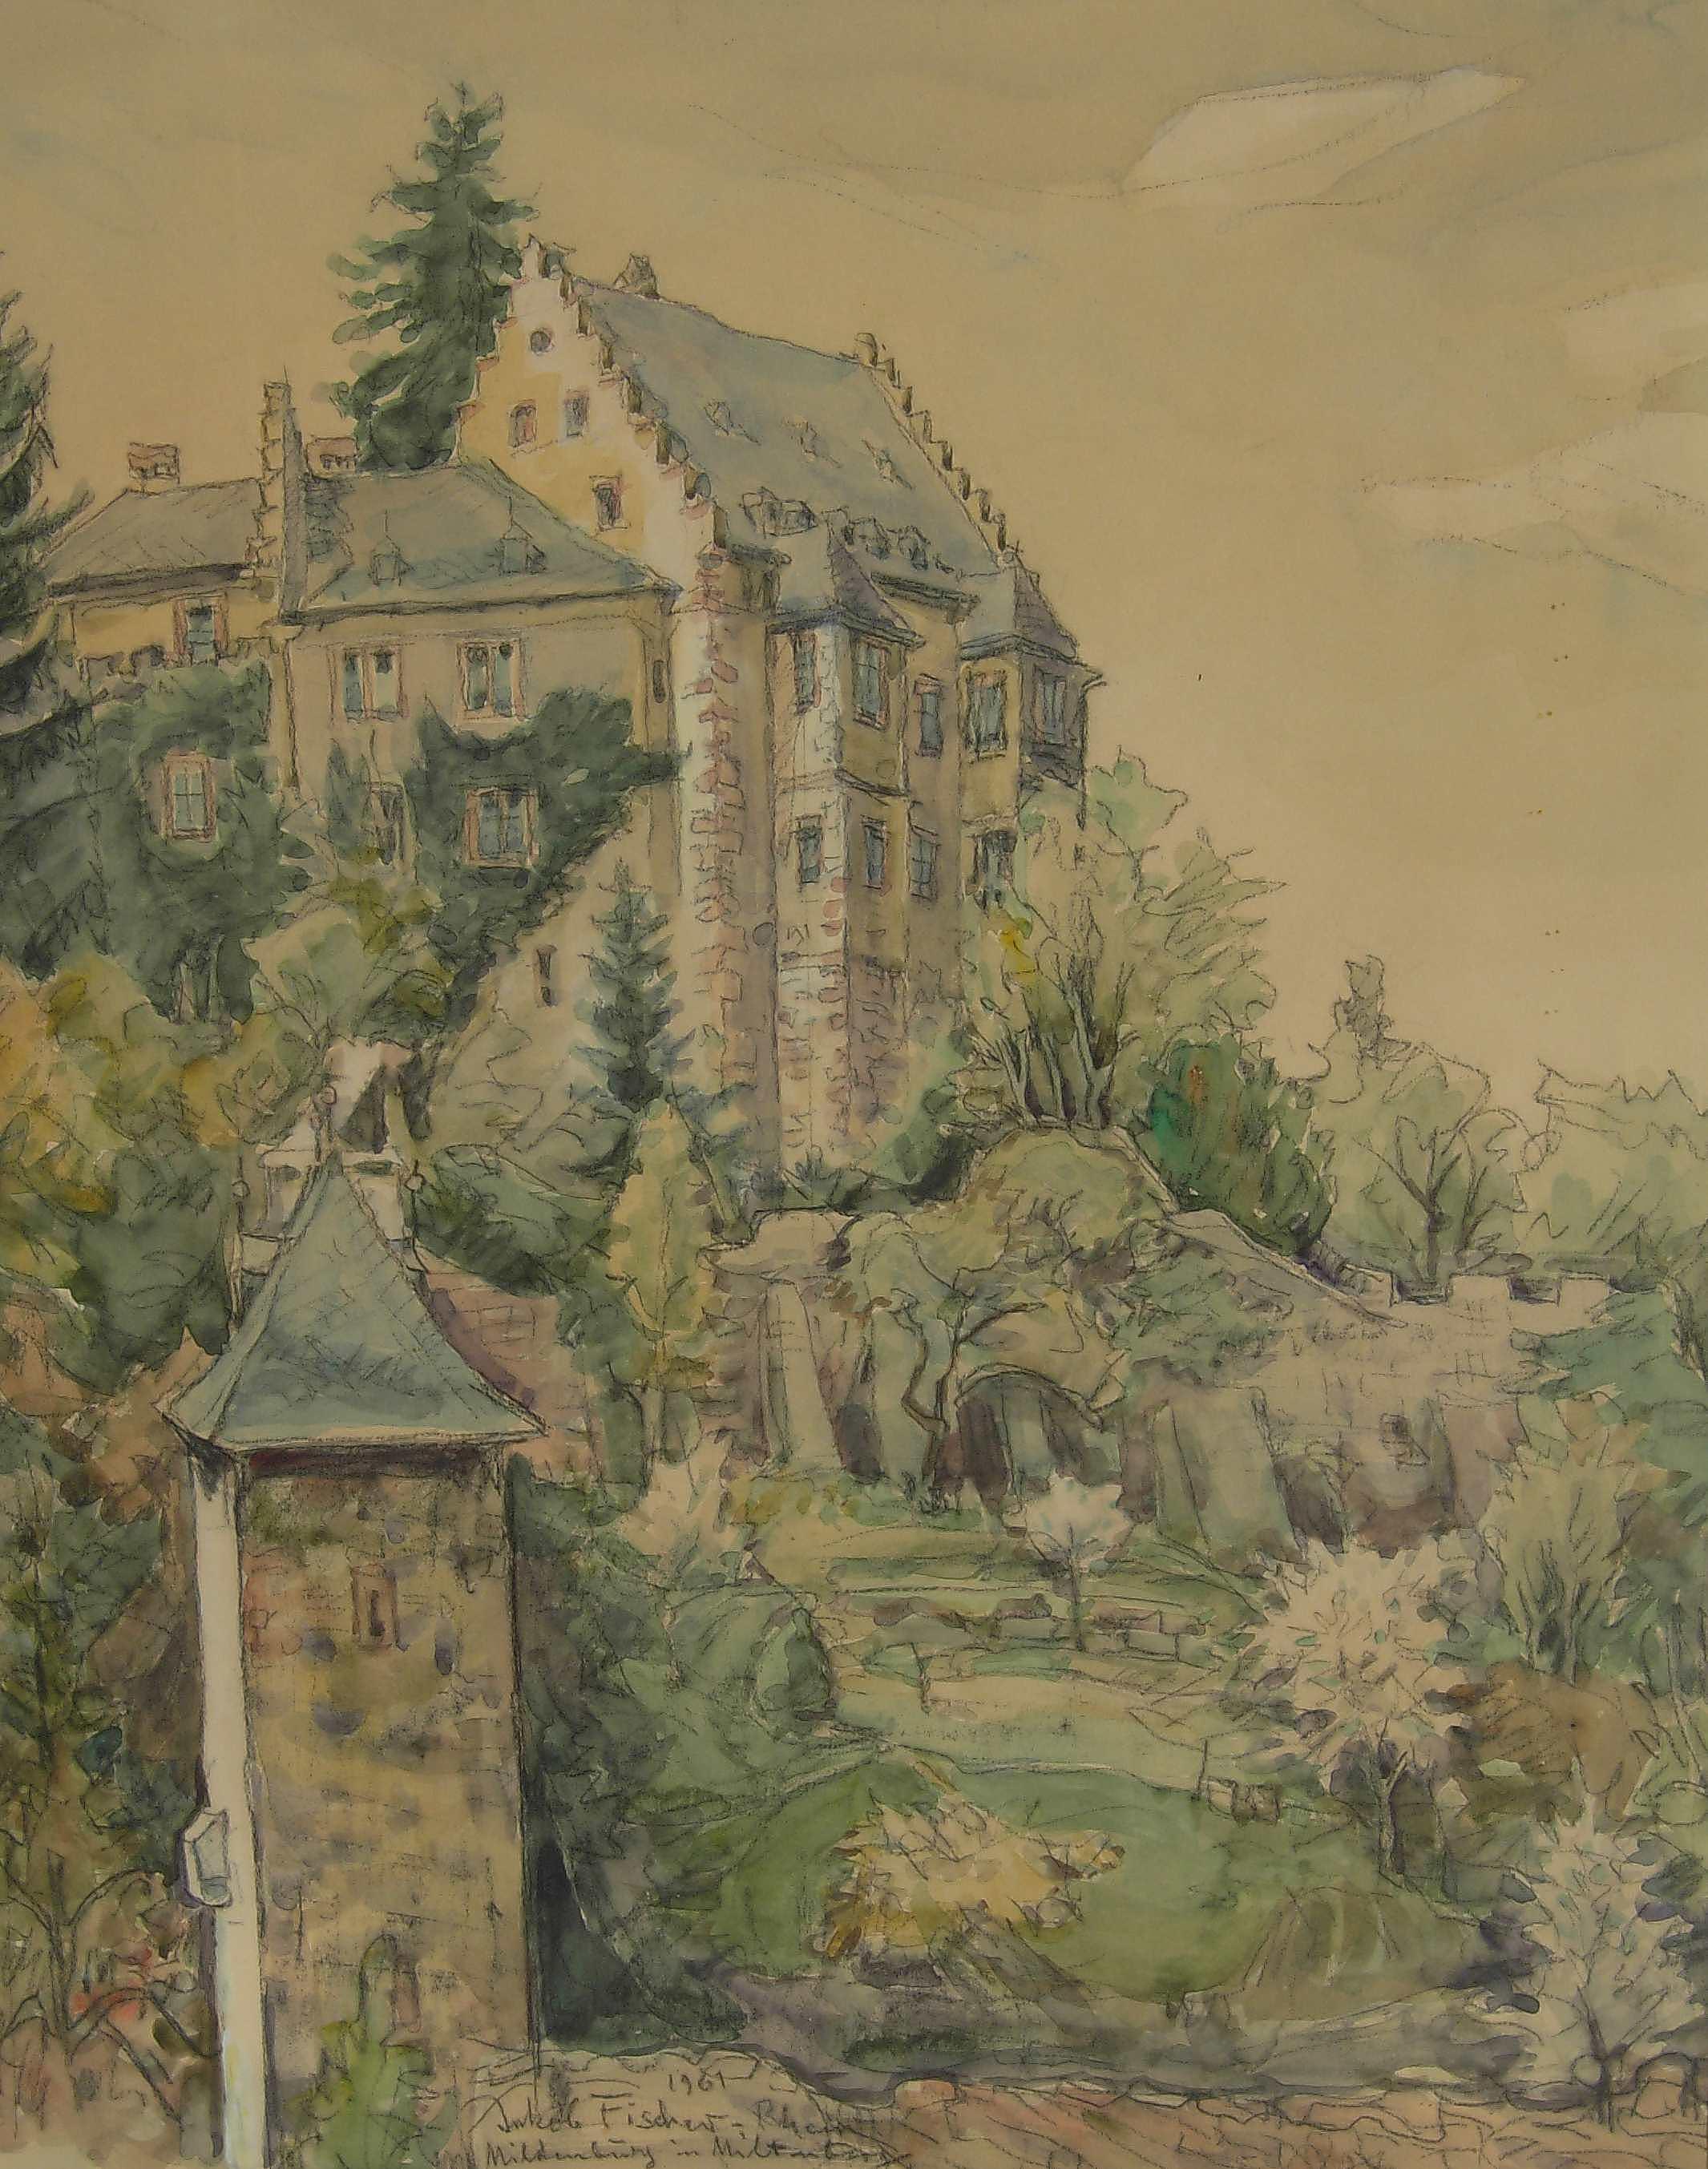 Miltenberg, 1961, Aquarell des Malers Jakob Fischer-Rhein! Klicken für vergrößerte Ansicht!